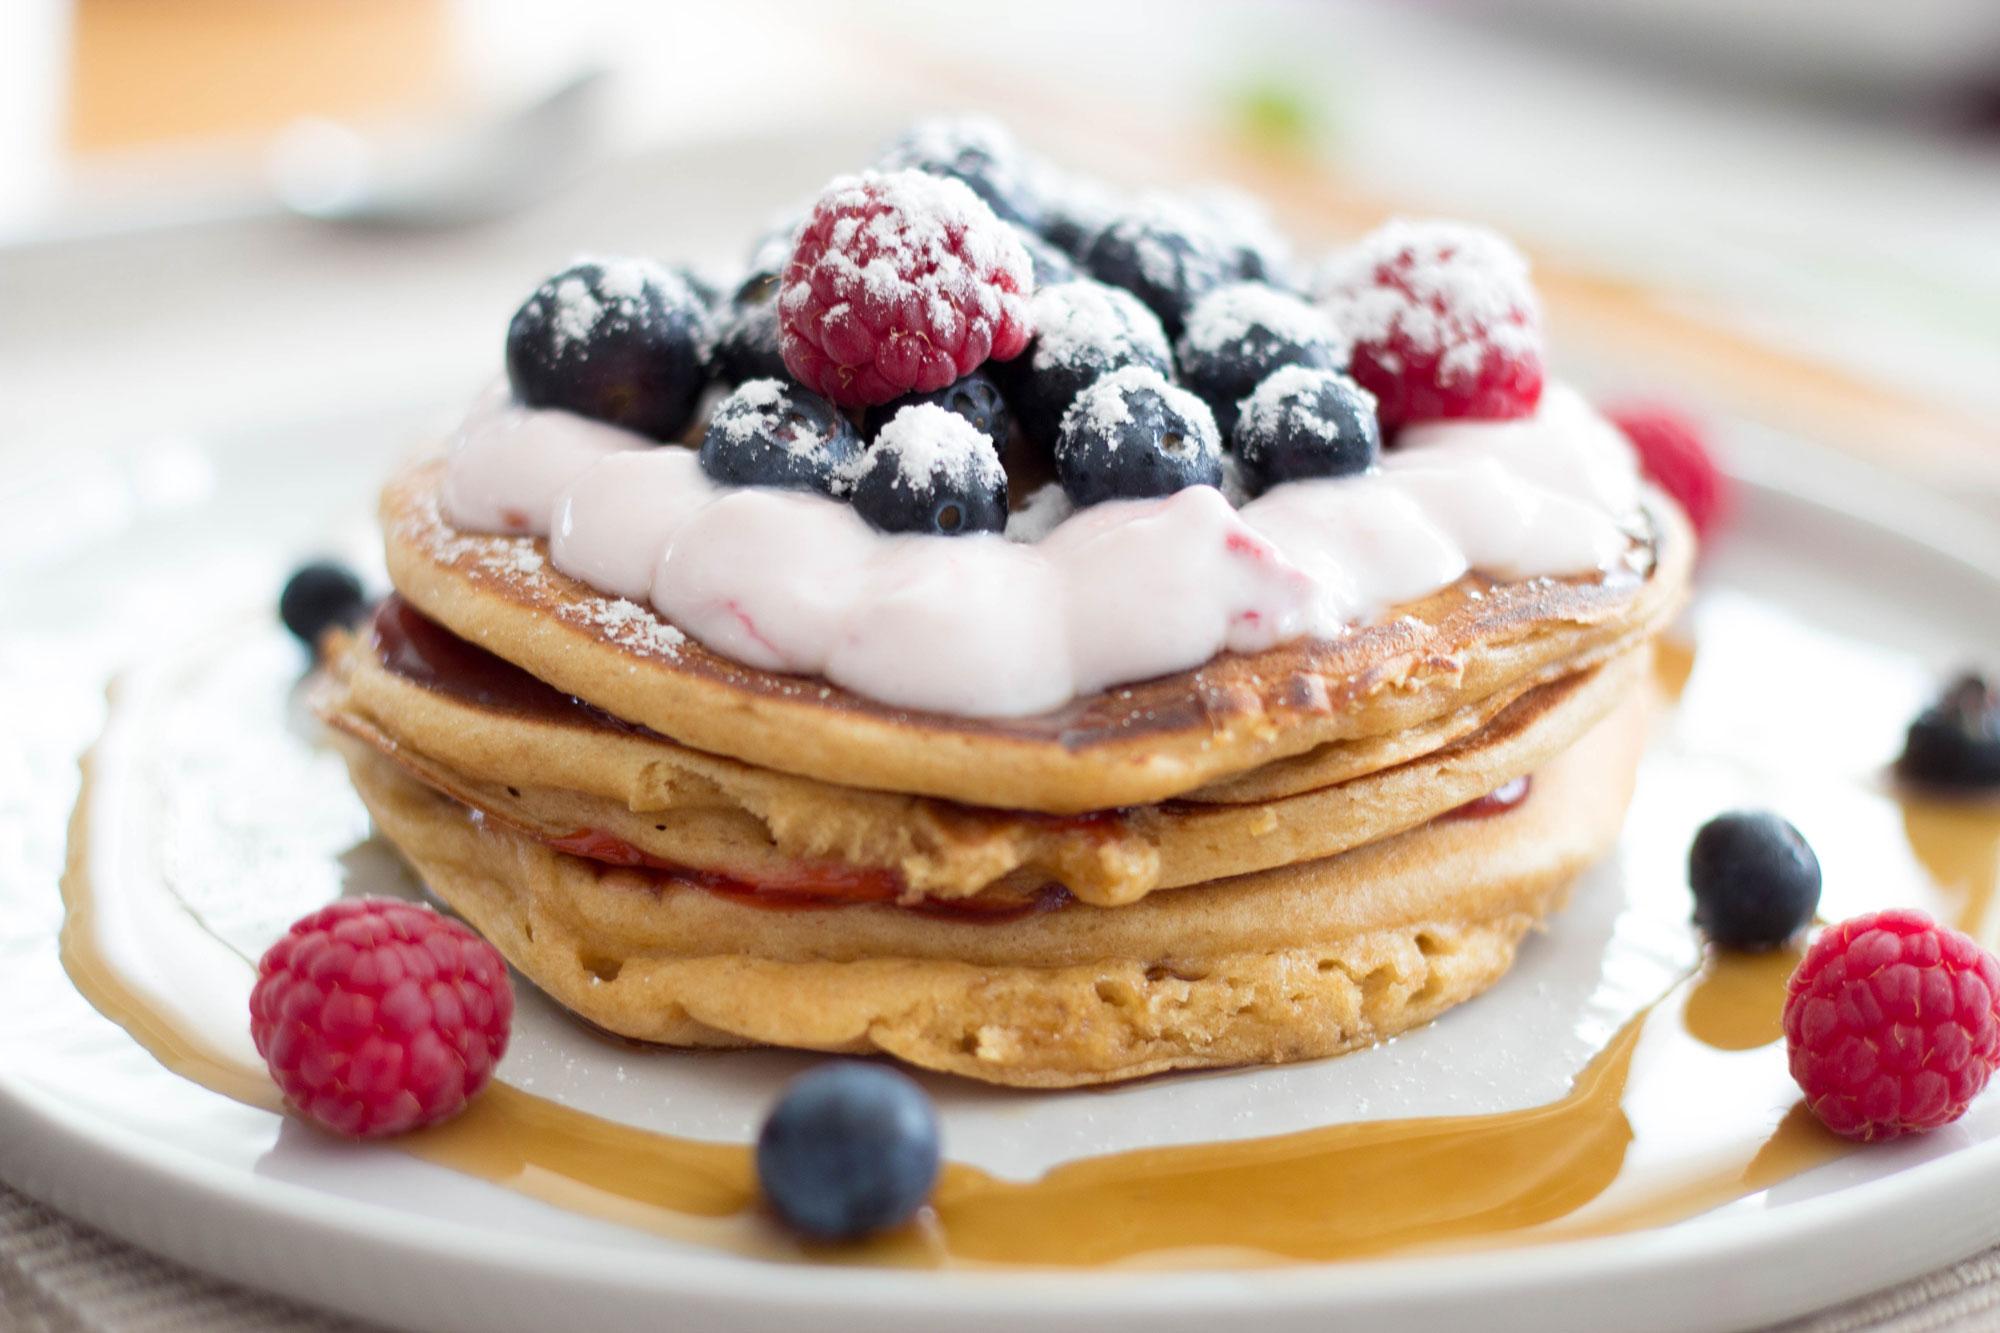 Vollkorn-Pancakes, Pfannkuchen, Vollkorn, Rezept, Foodblog, Blog, Rennradblog, Rennrad, Geradeaus, Österreich, Food, Buttermilch Pancakes, Pancakes-Rezept